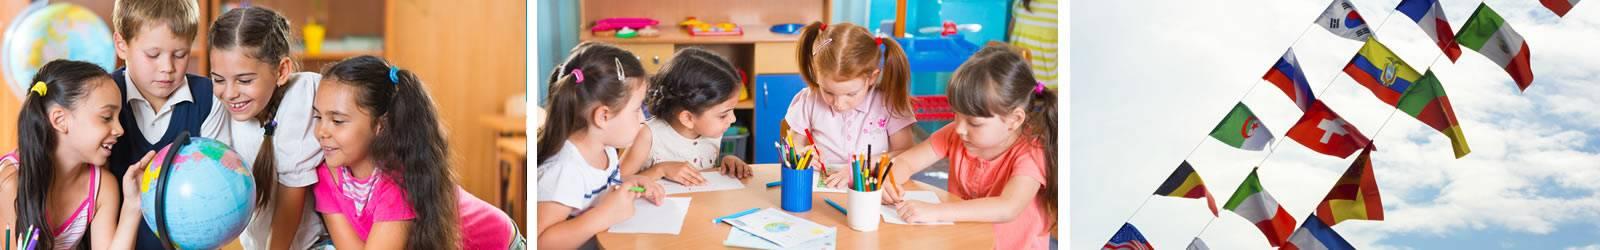 studenti in classe con il mappamondo